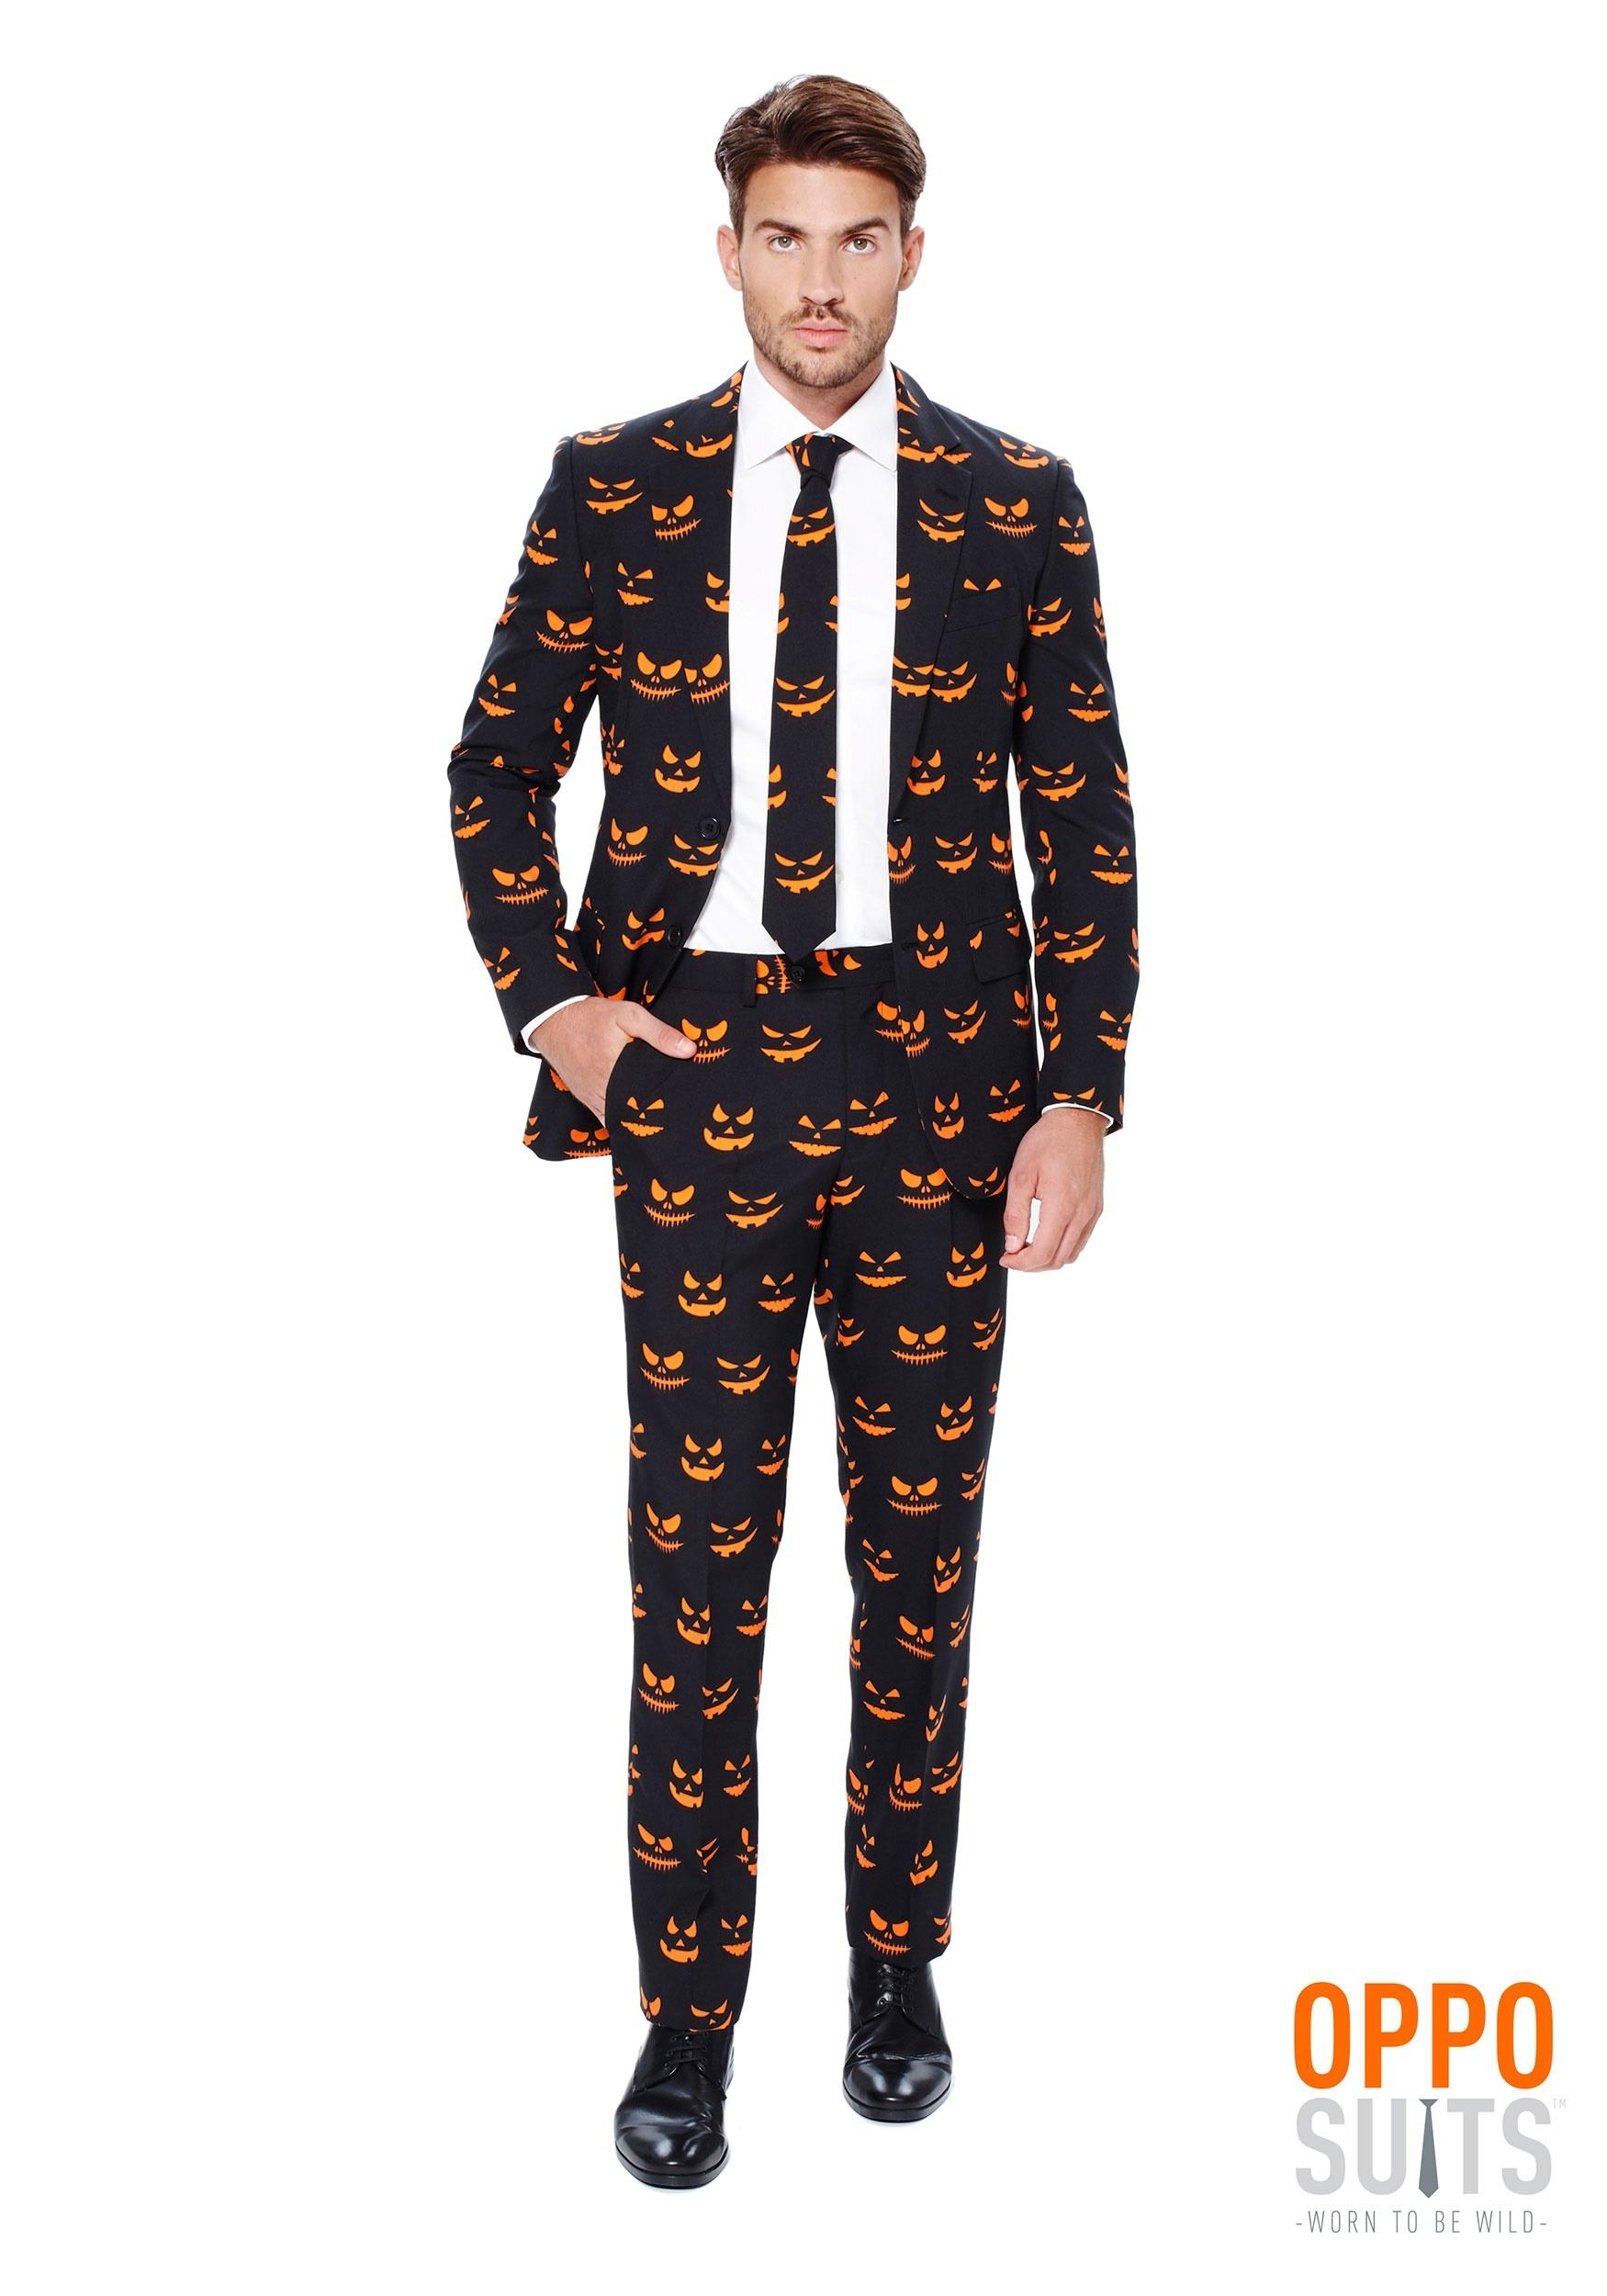 0a96e3cafda2 OppoSuits Pumpkin Mens Suit OppoSuits Pumpkin Mens Suit Front ...